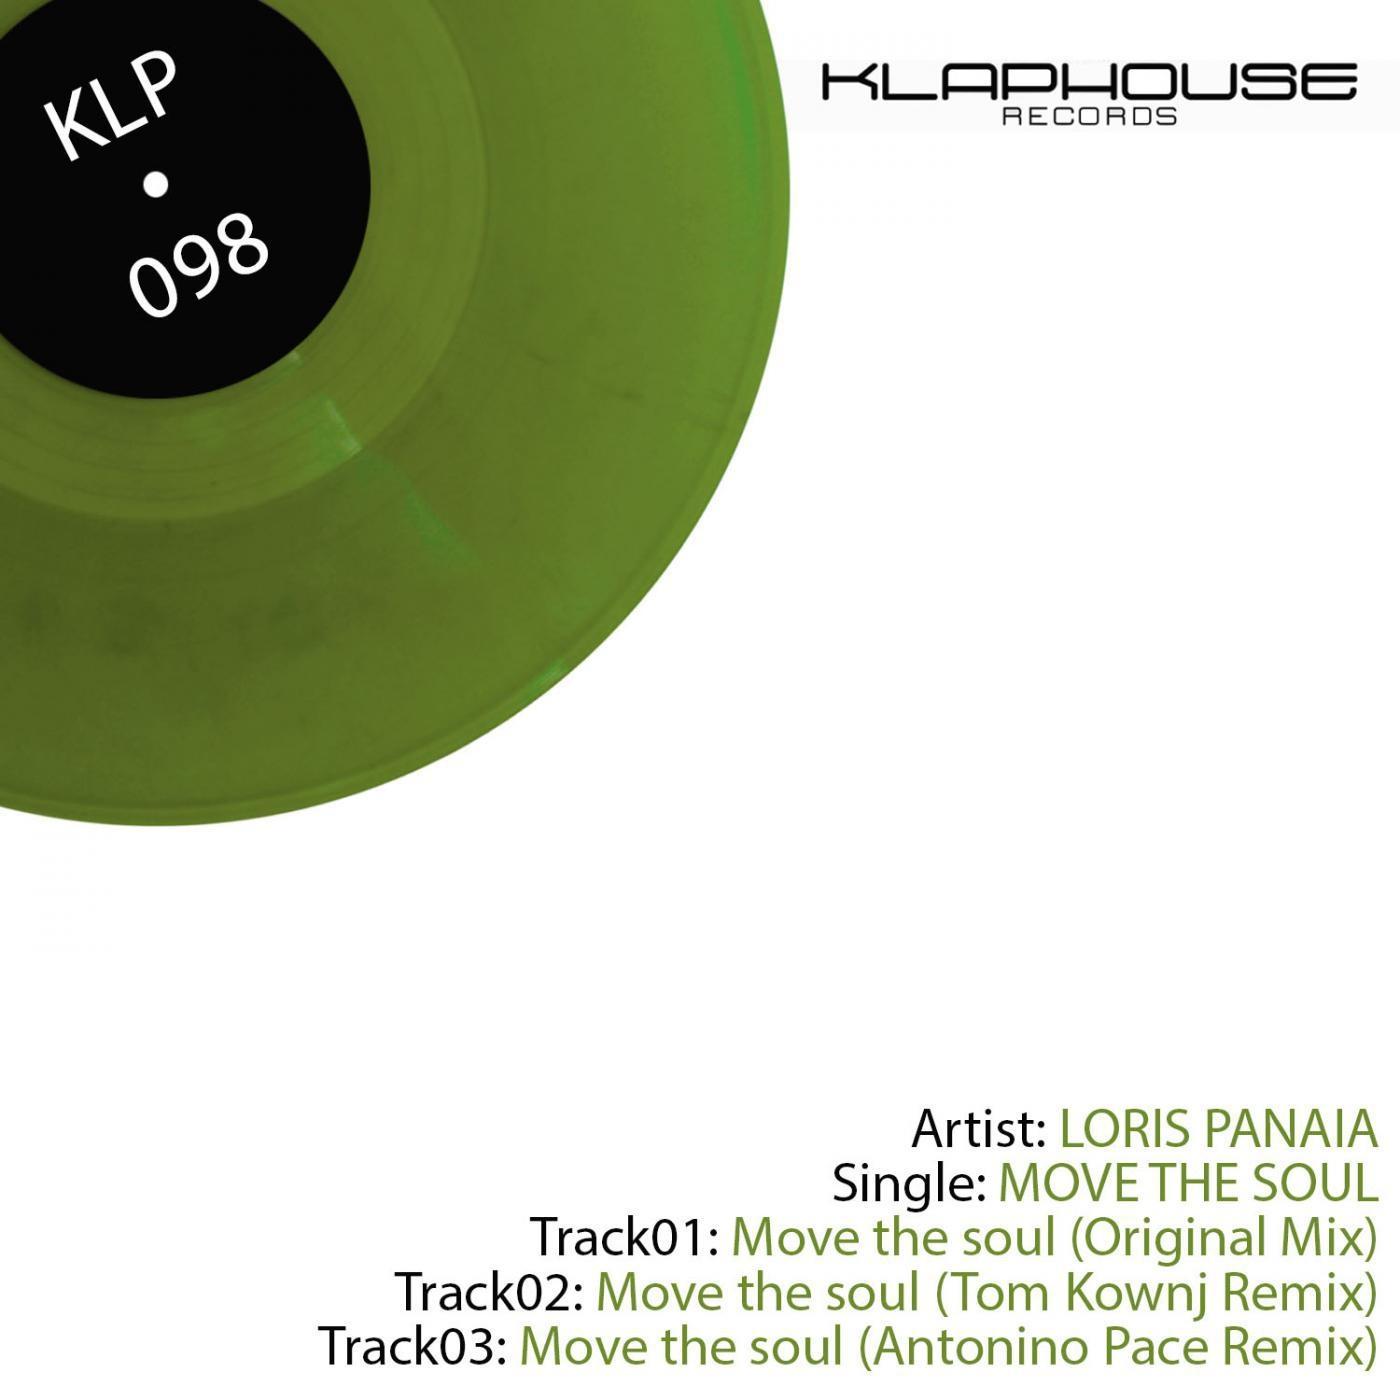 Loris Panaia - Move The Soul Remix (Tom Kownj remix)